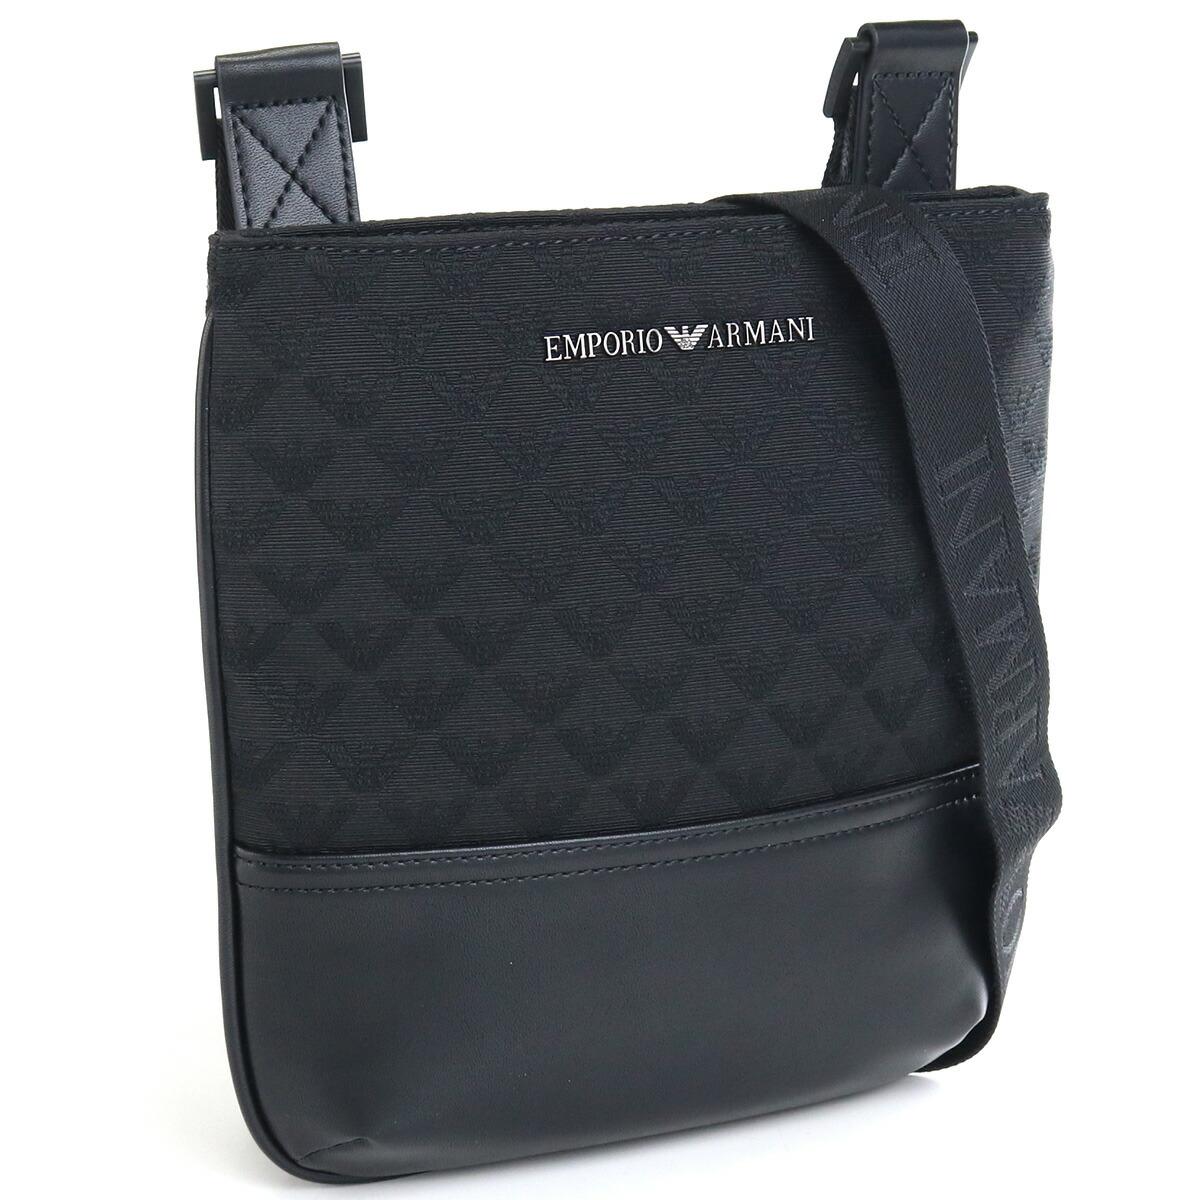 エンポリオ・アルマーニ EMPORIO ARMANI  斜め掛け ショルダーバッグ Y4M234 Y022V 81336 BLACK ブラック bag-01